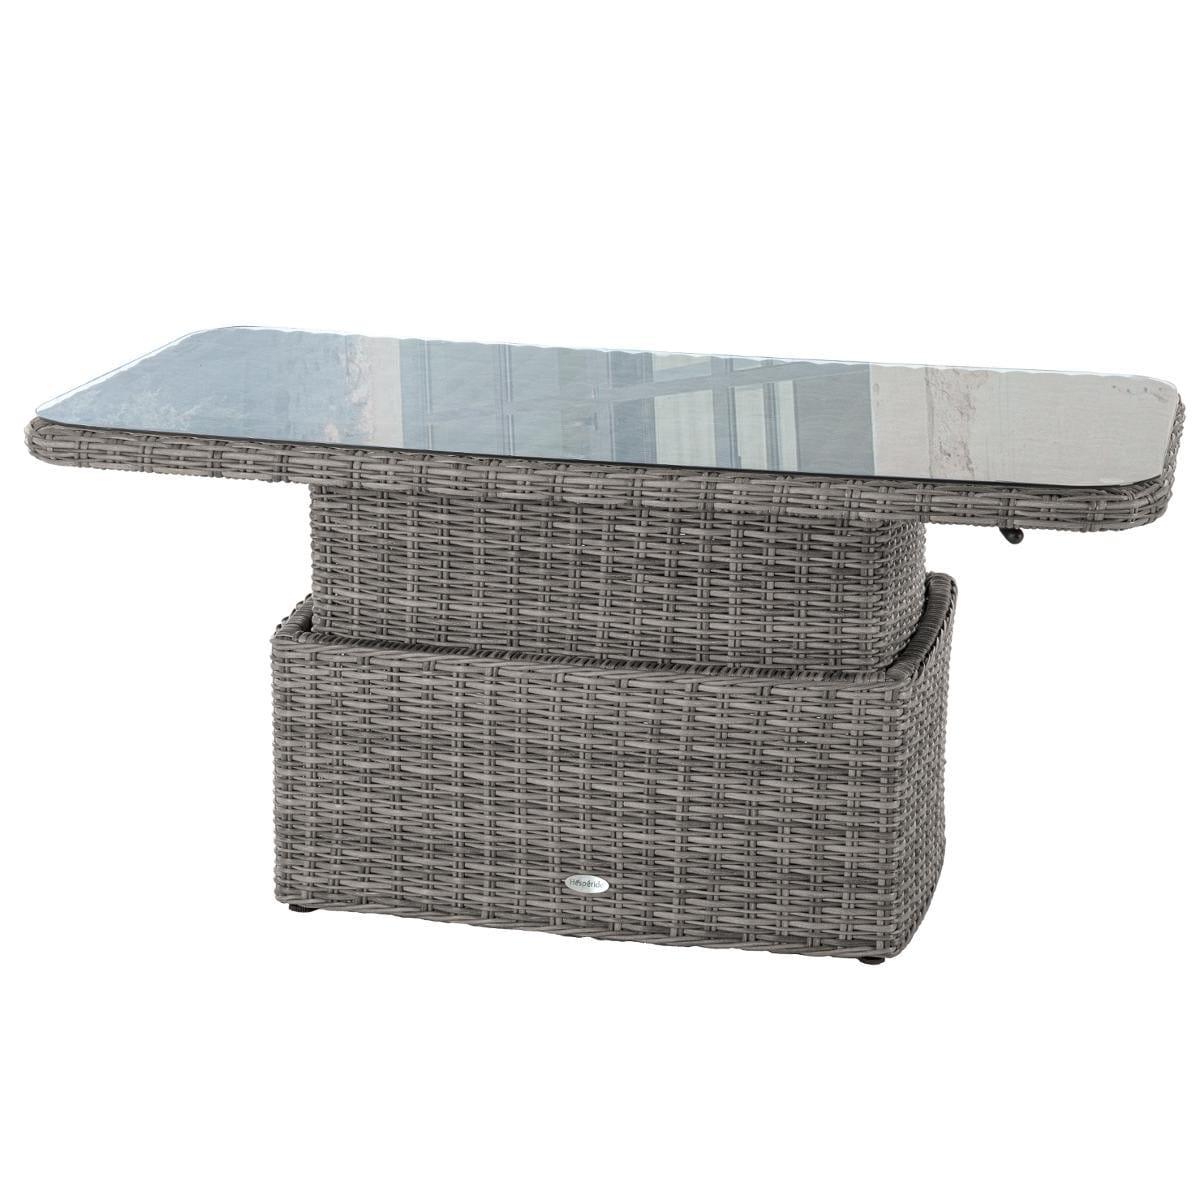 Table Basse Rectangulaire Relevable Mooréa Terre D'ombre , Hesperide pour Salon De Jardin Moorea Terre D'ombre